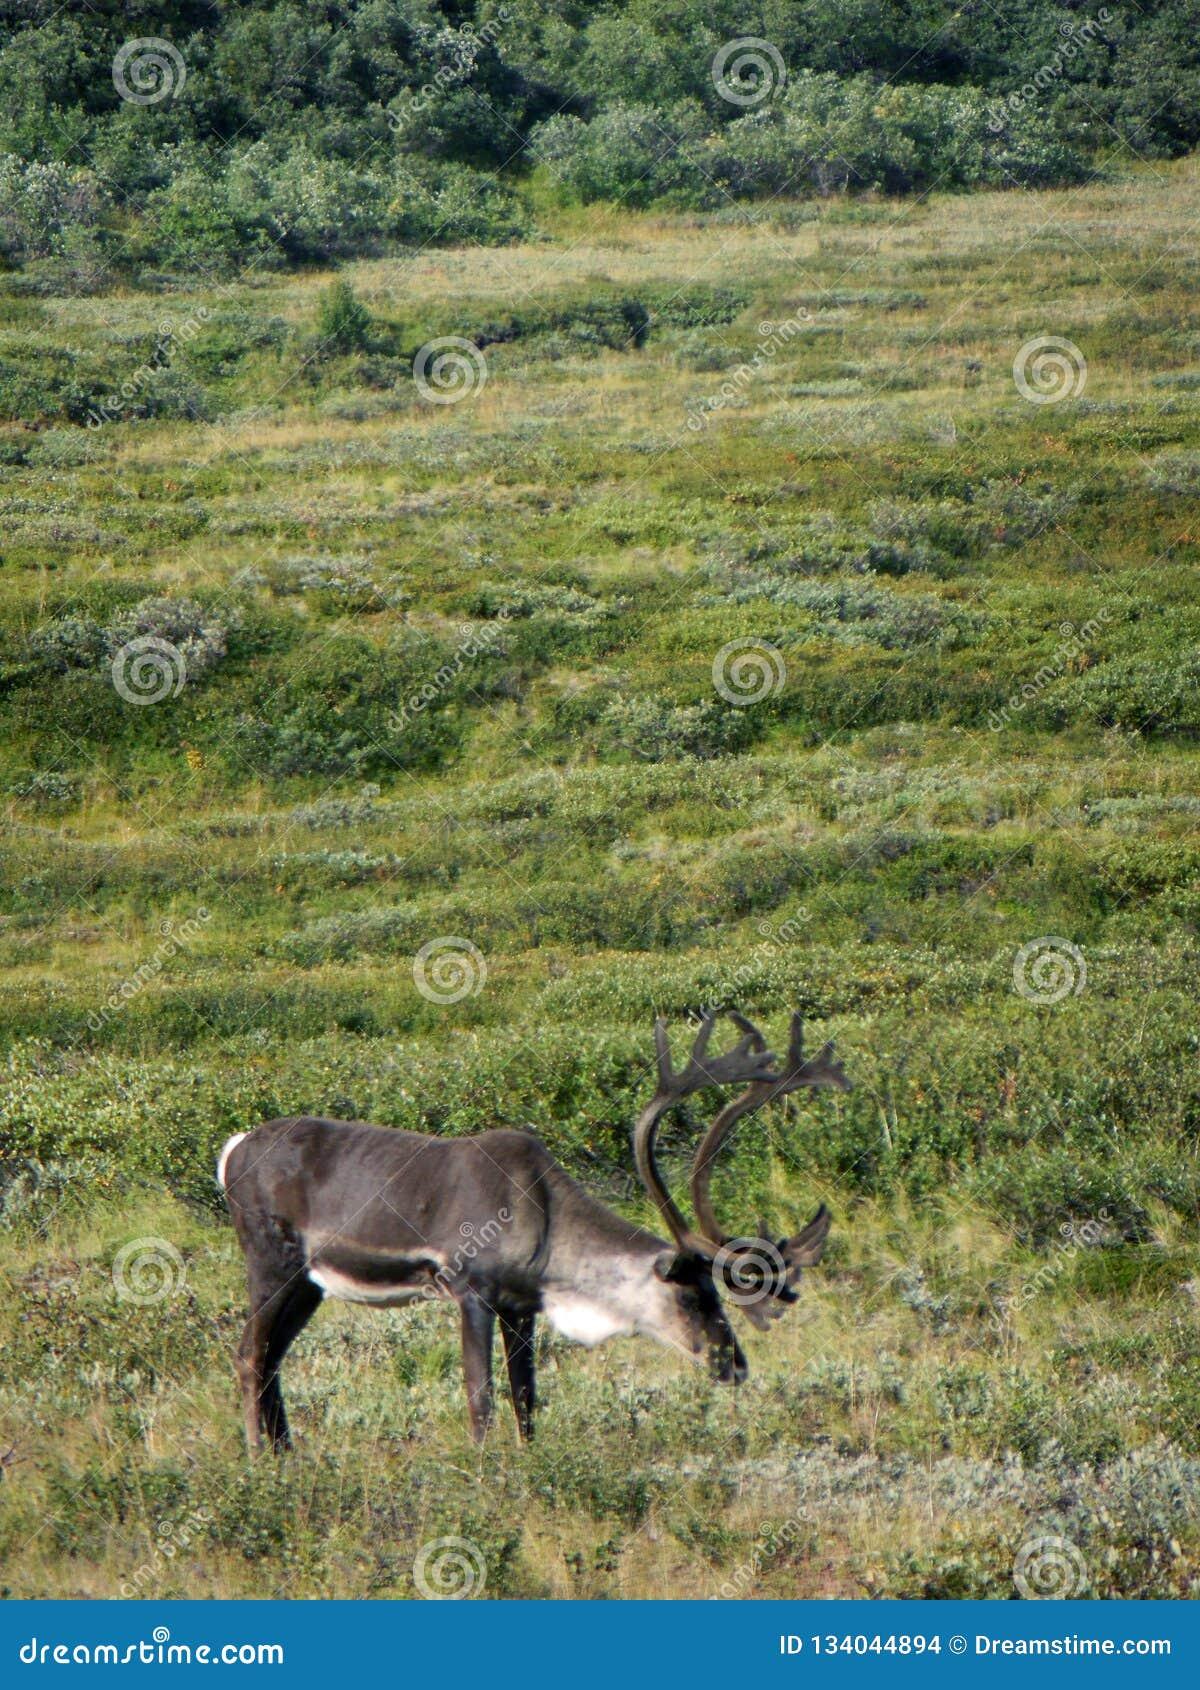 Alaska - Denali National Park Caribou